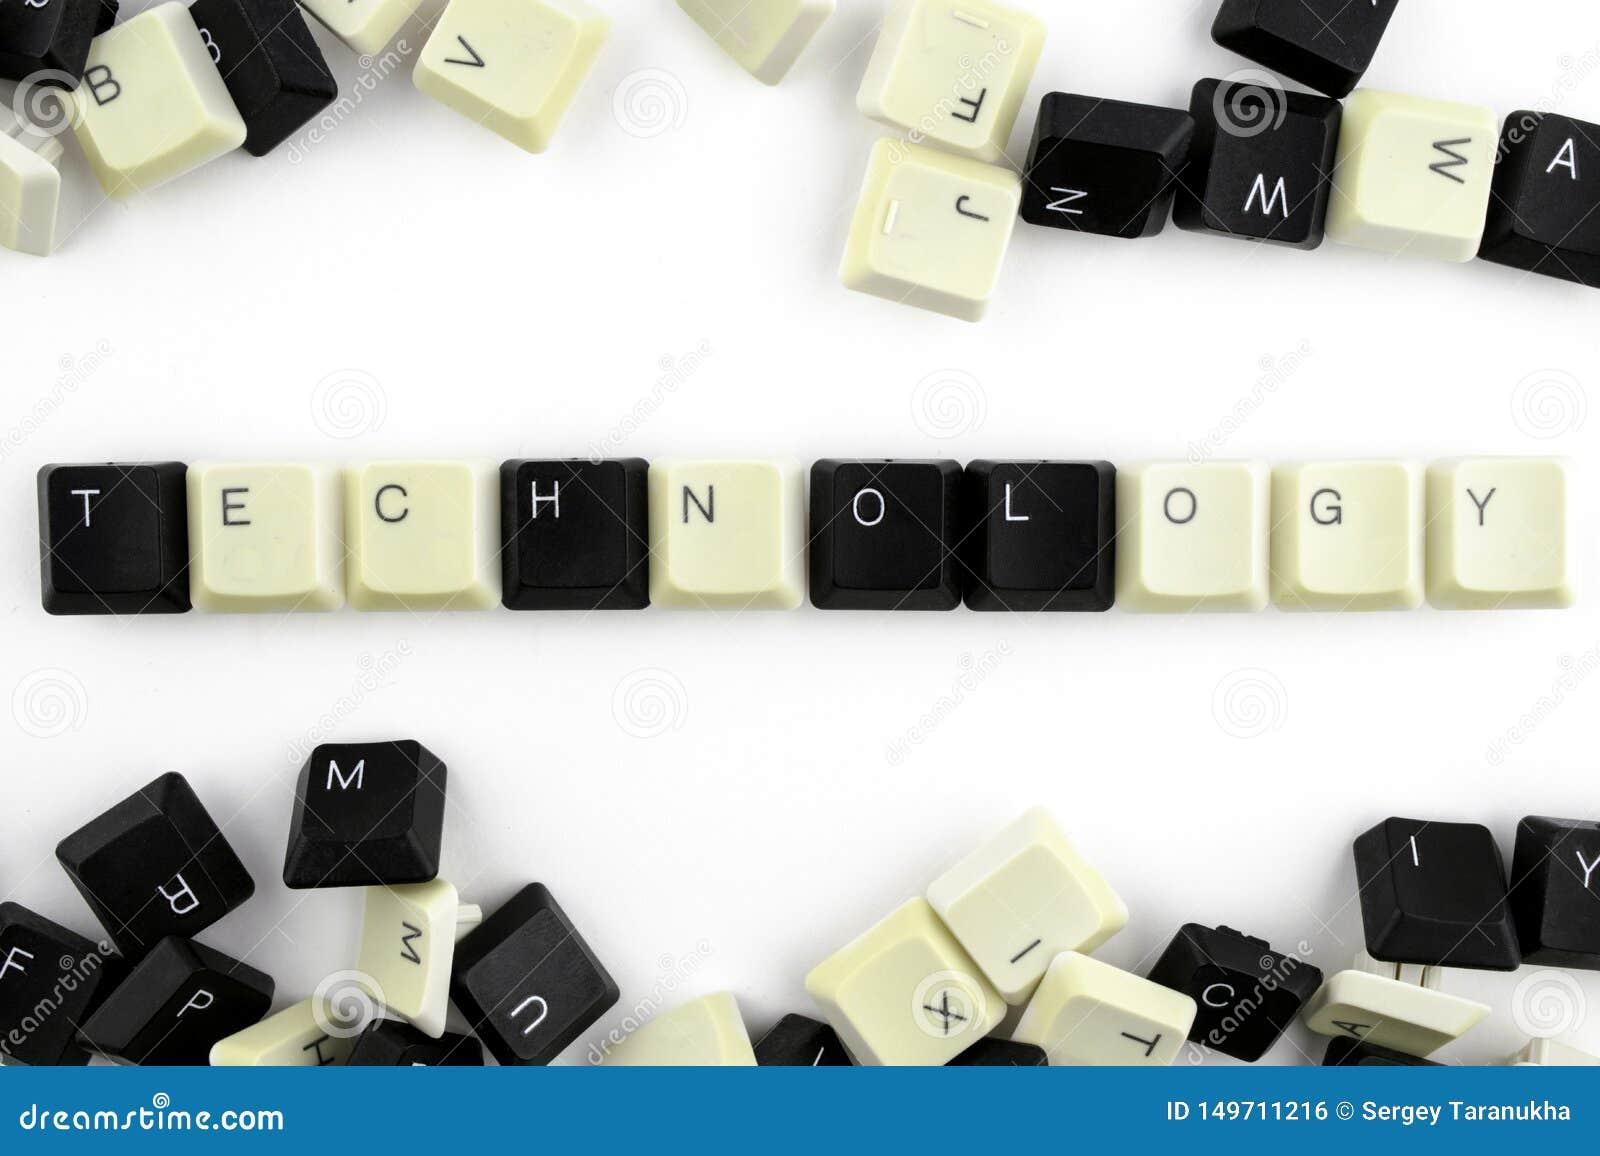 Ordinateurs et informatique dans les industries et les domaines de l activit? humaine - concept technologie sur un fond blanc de